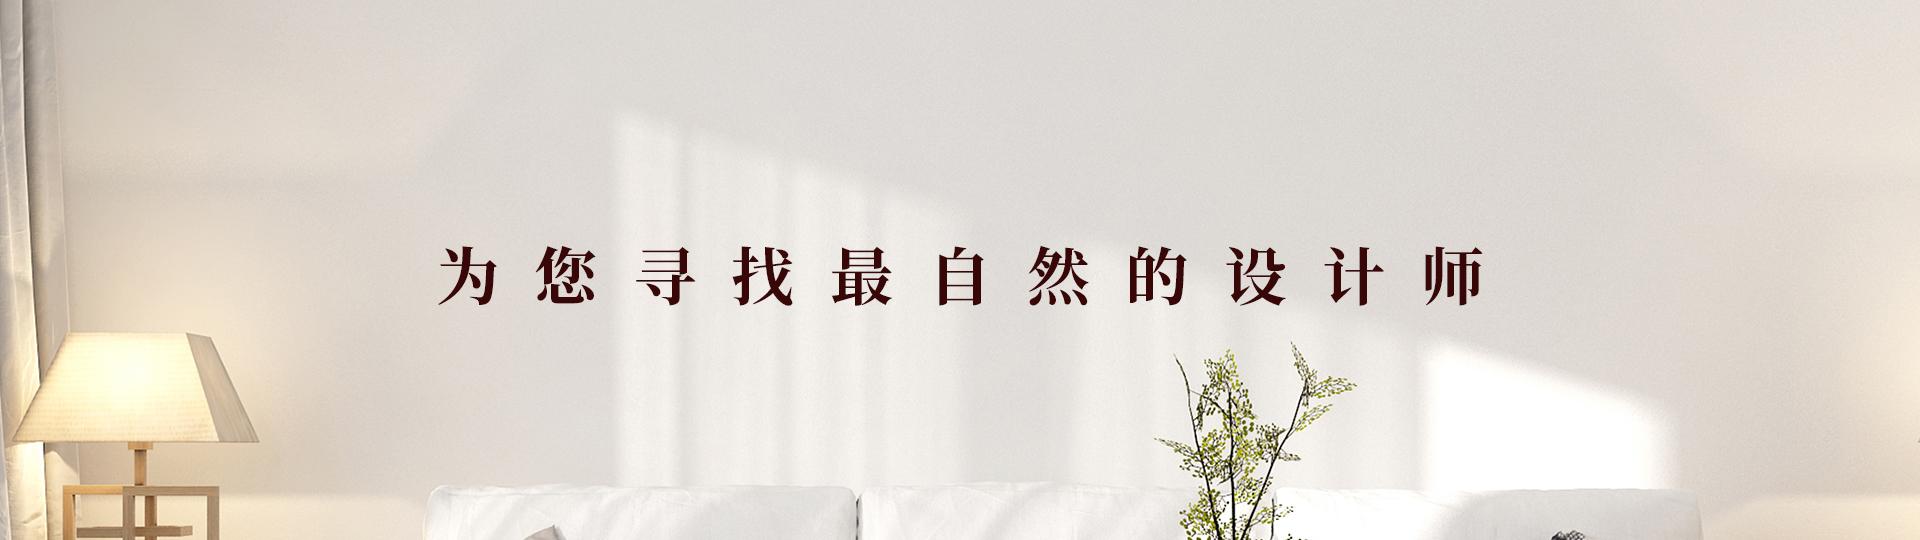 郑州速美超级家,郑州速美超级家地址,郑州速美超级家有几家店